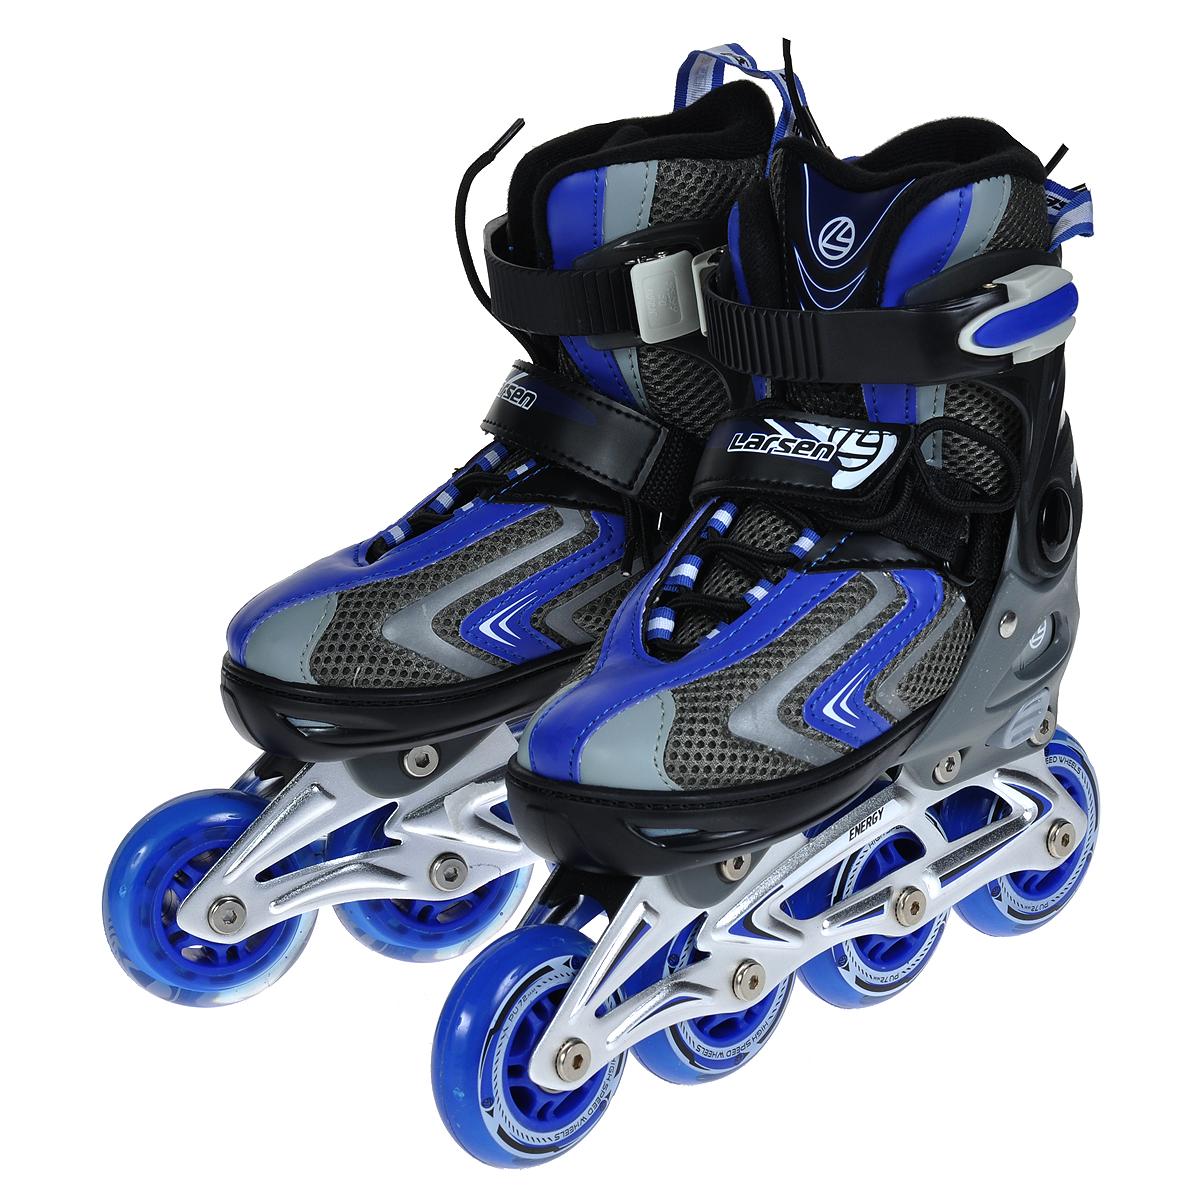 Коньки роликовые Energy, раздвижныеEnergy GРаздвижные роликовые коньки Larsen Energy подарят чувство комфорта и уверенности во время движения. Особенностью роликов является раздвижная конструкция на 4 размера, которая разработана для того, чтобы не было необходимости покупать новые ролики каждый сезон. Ролики имеют ботинок с удобными застежками, защищающий ногу от травм, оснащены пяточным тормозом. Рама выполнена из прочного алюминия, а колеса - из полиуретана с подшипниками ABEC-5. Ролики - это модный и полезный вид активного отдыха на свежем воздухе. Катание на роликах является одним из популярных развлечений среди молодежи и детей.